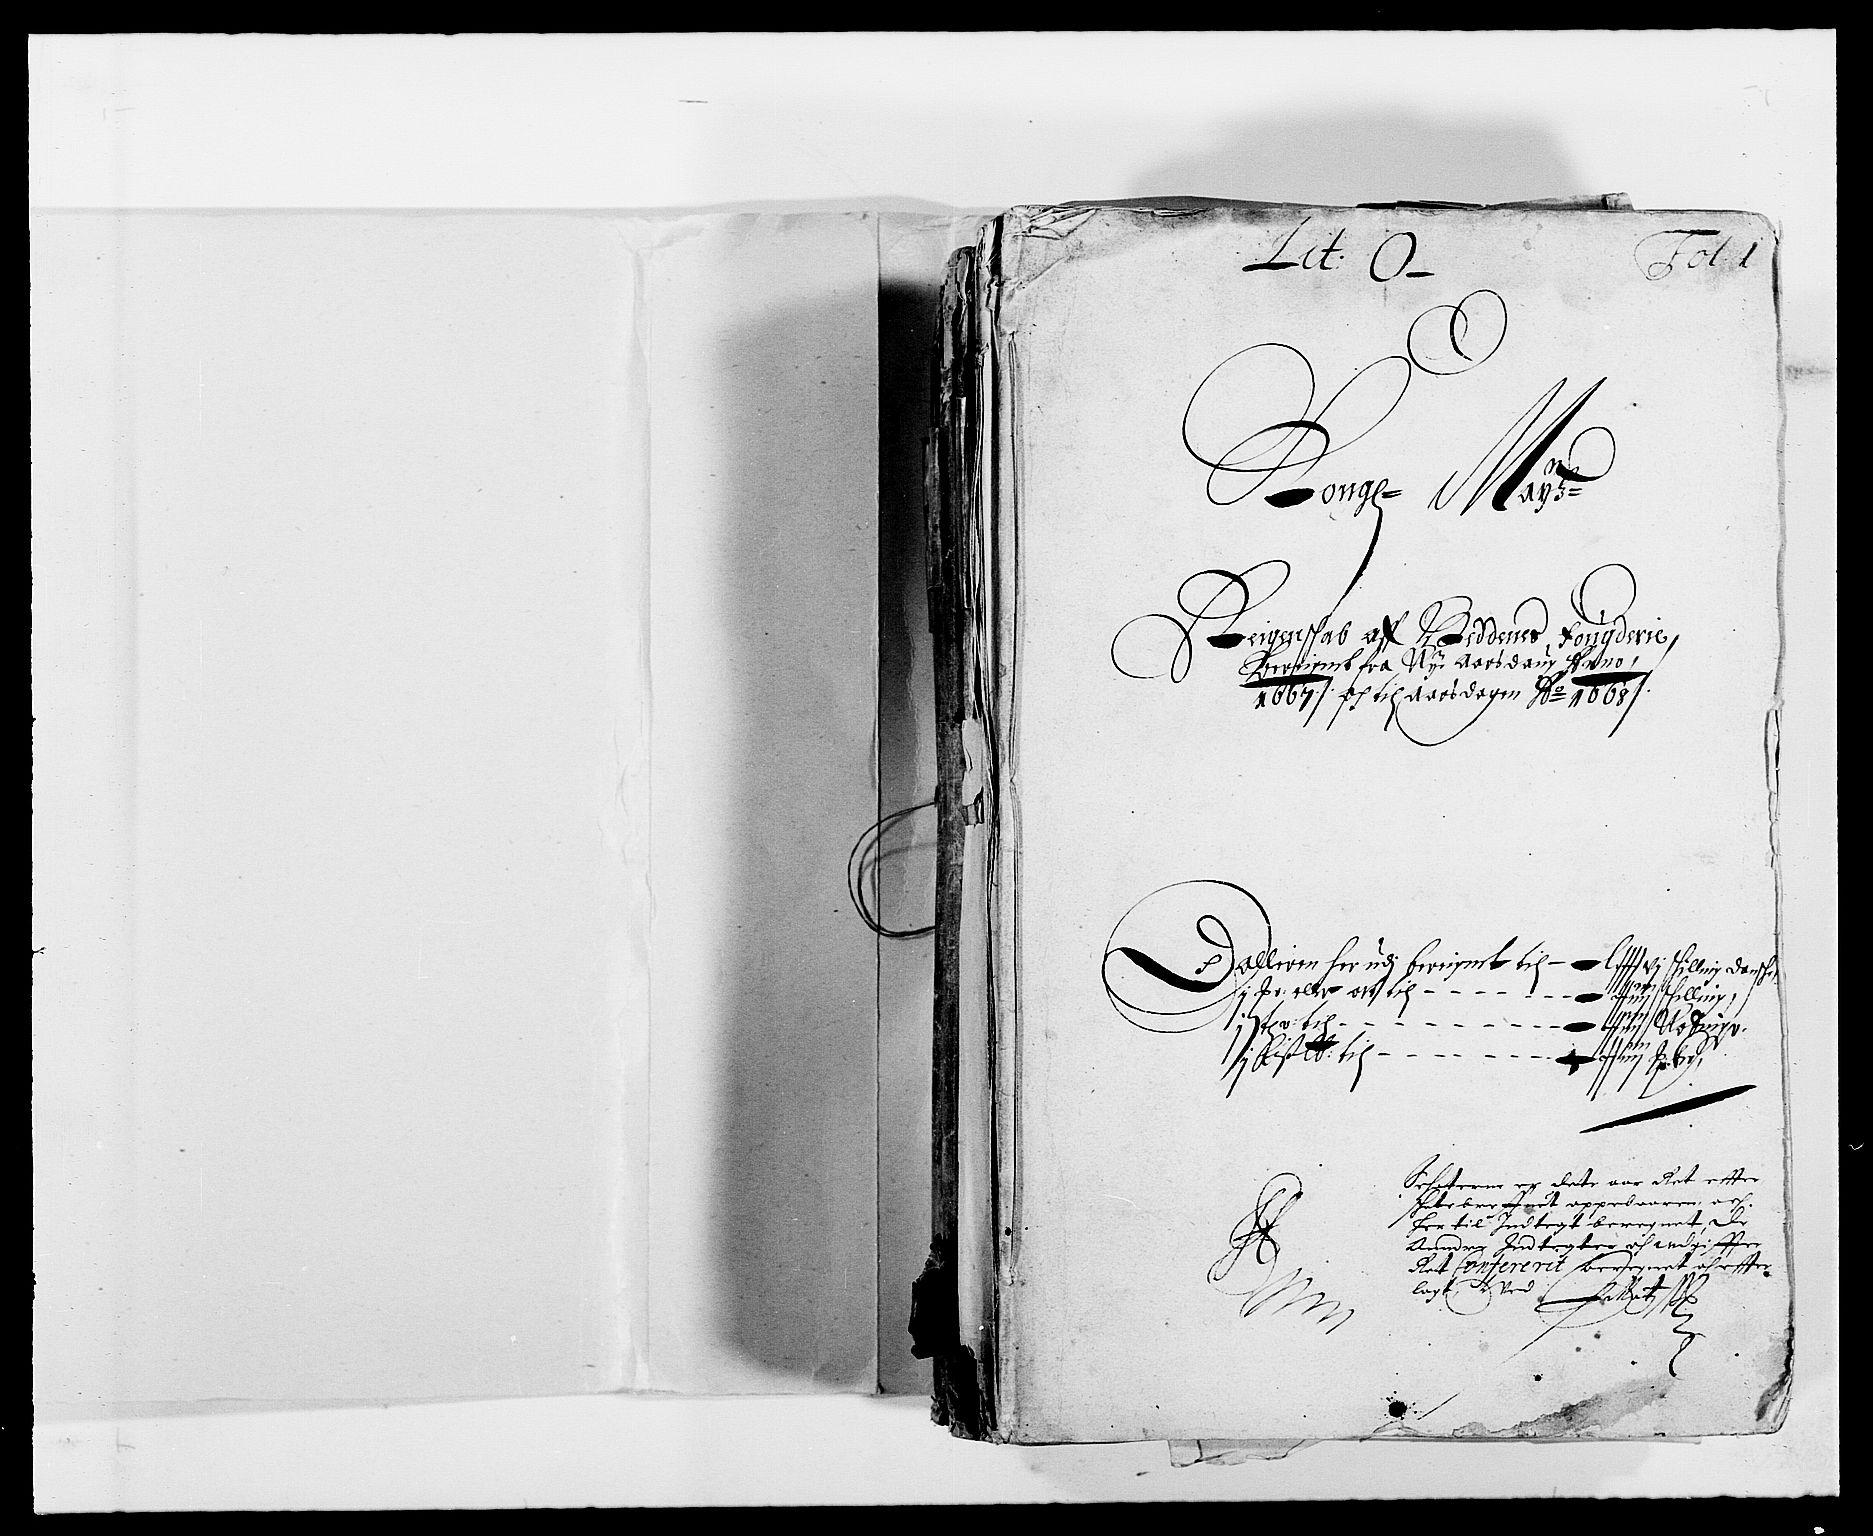 RA, Rentekammeret inntil 1814, Reviderte regnskaper, Fogderegnskap, R39/L2297: Fogderegnskap Nedenes, 1667-1669, s. 2